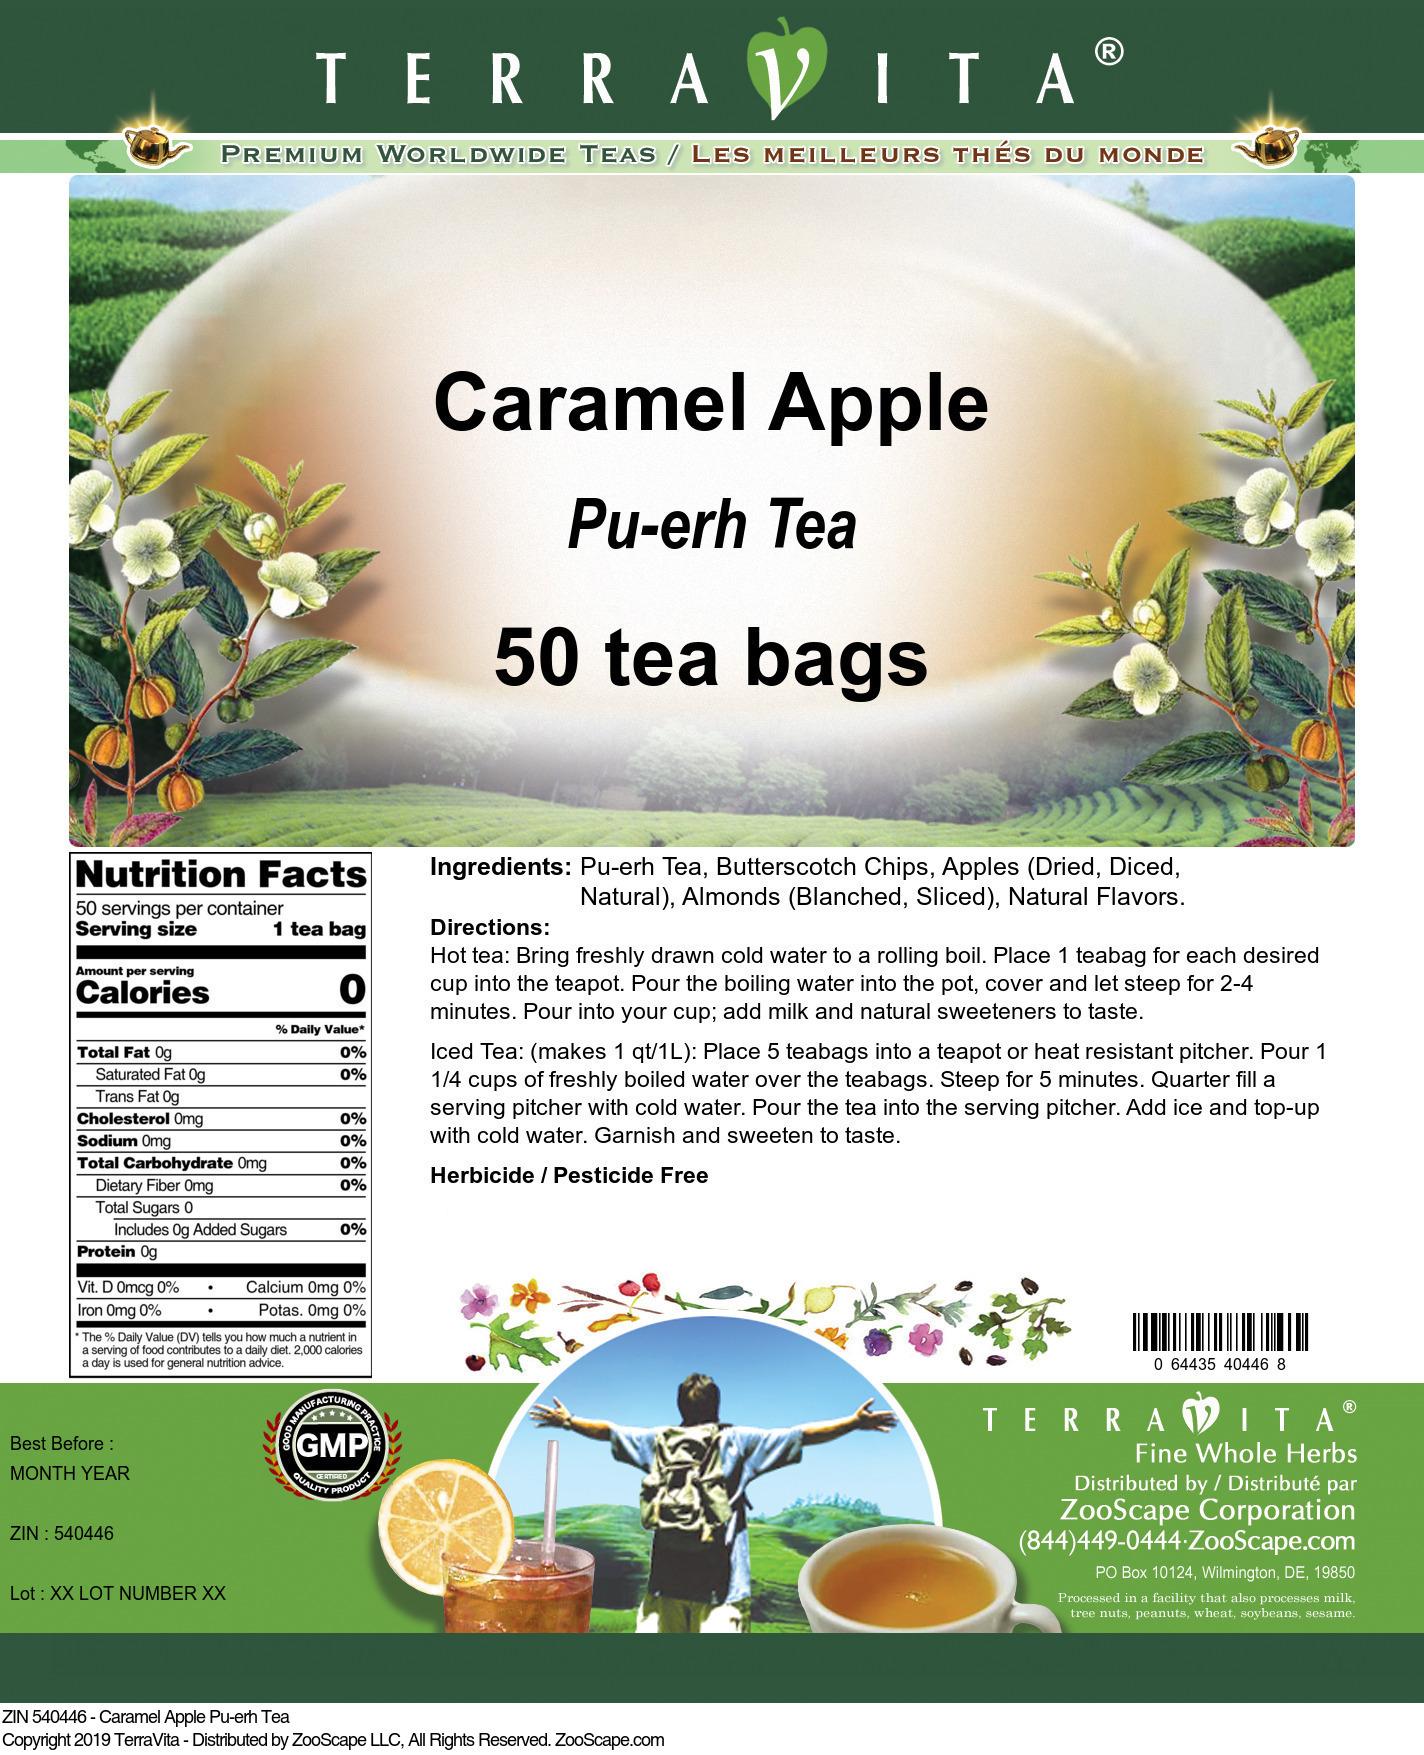 Caramel Apple Pu-erh Tea